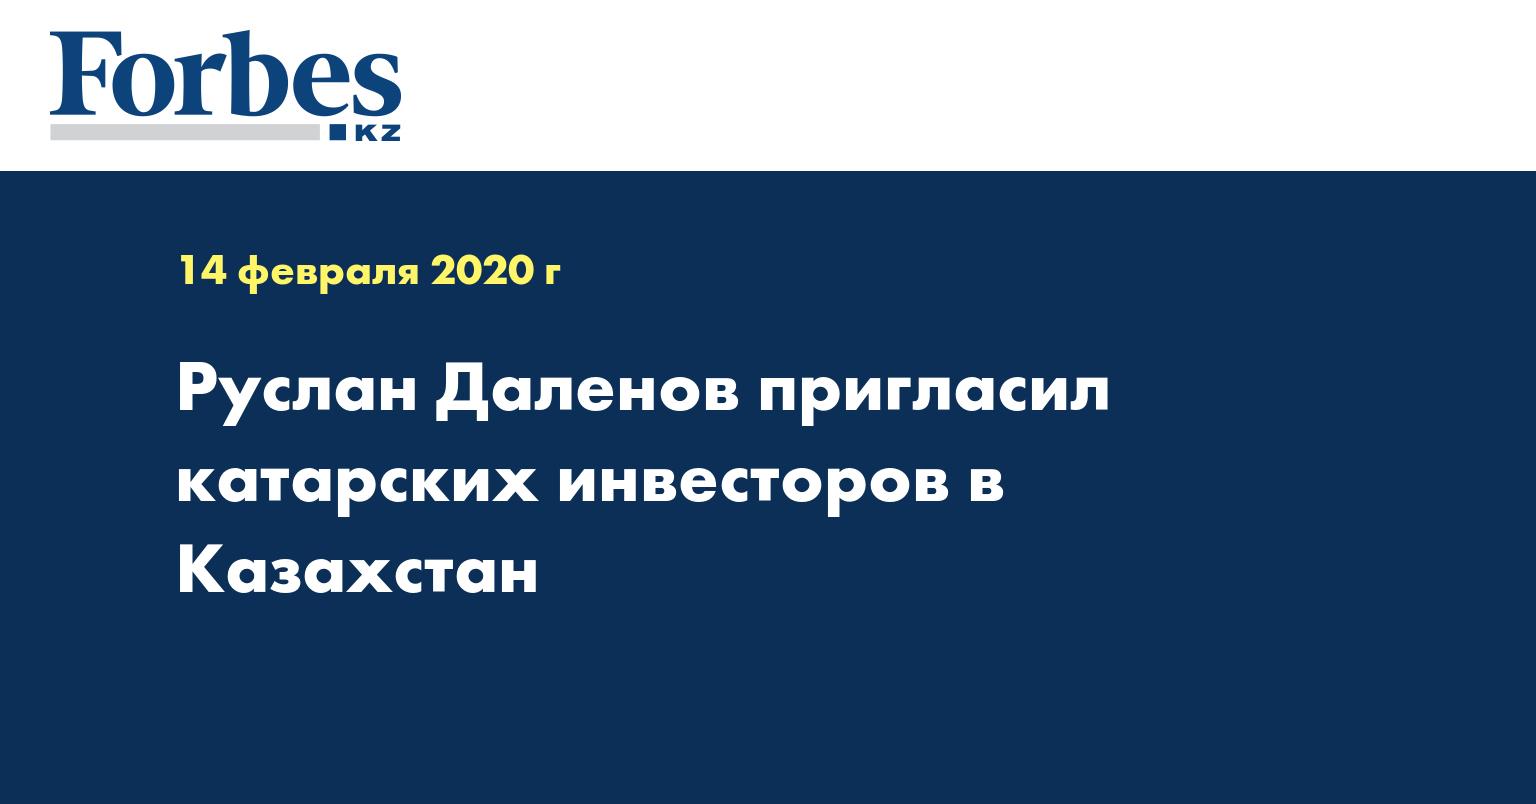 Руслан Даленов пригласил катарских инвесторов в Казахстан